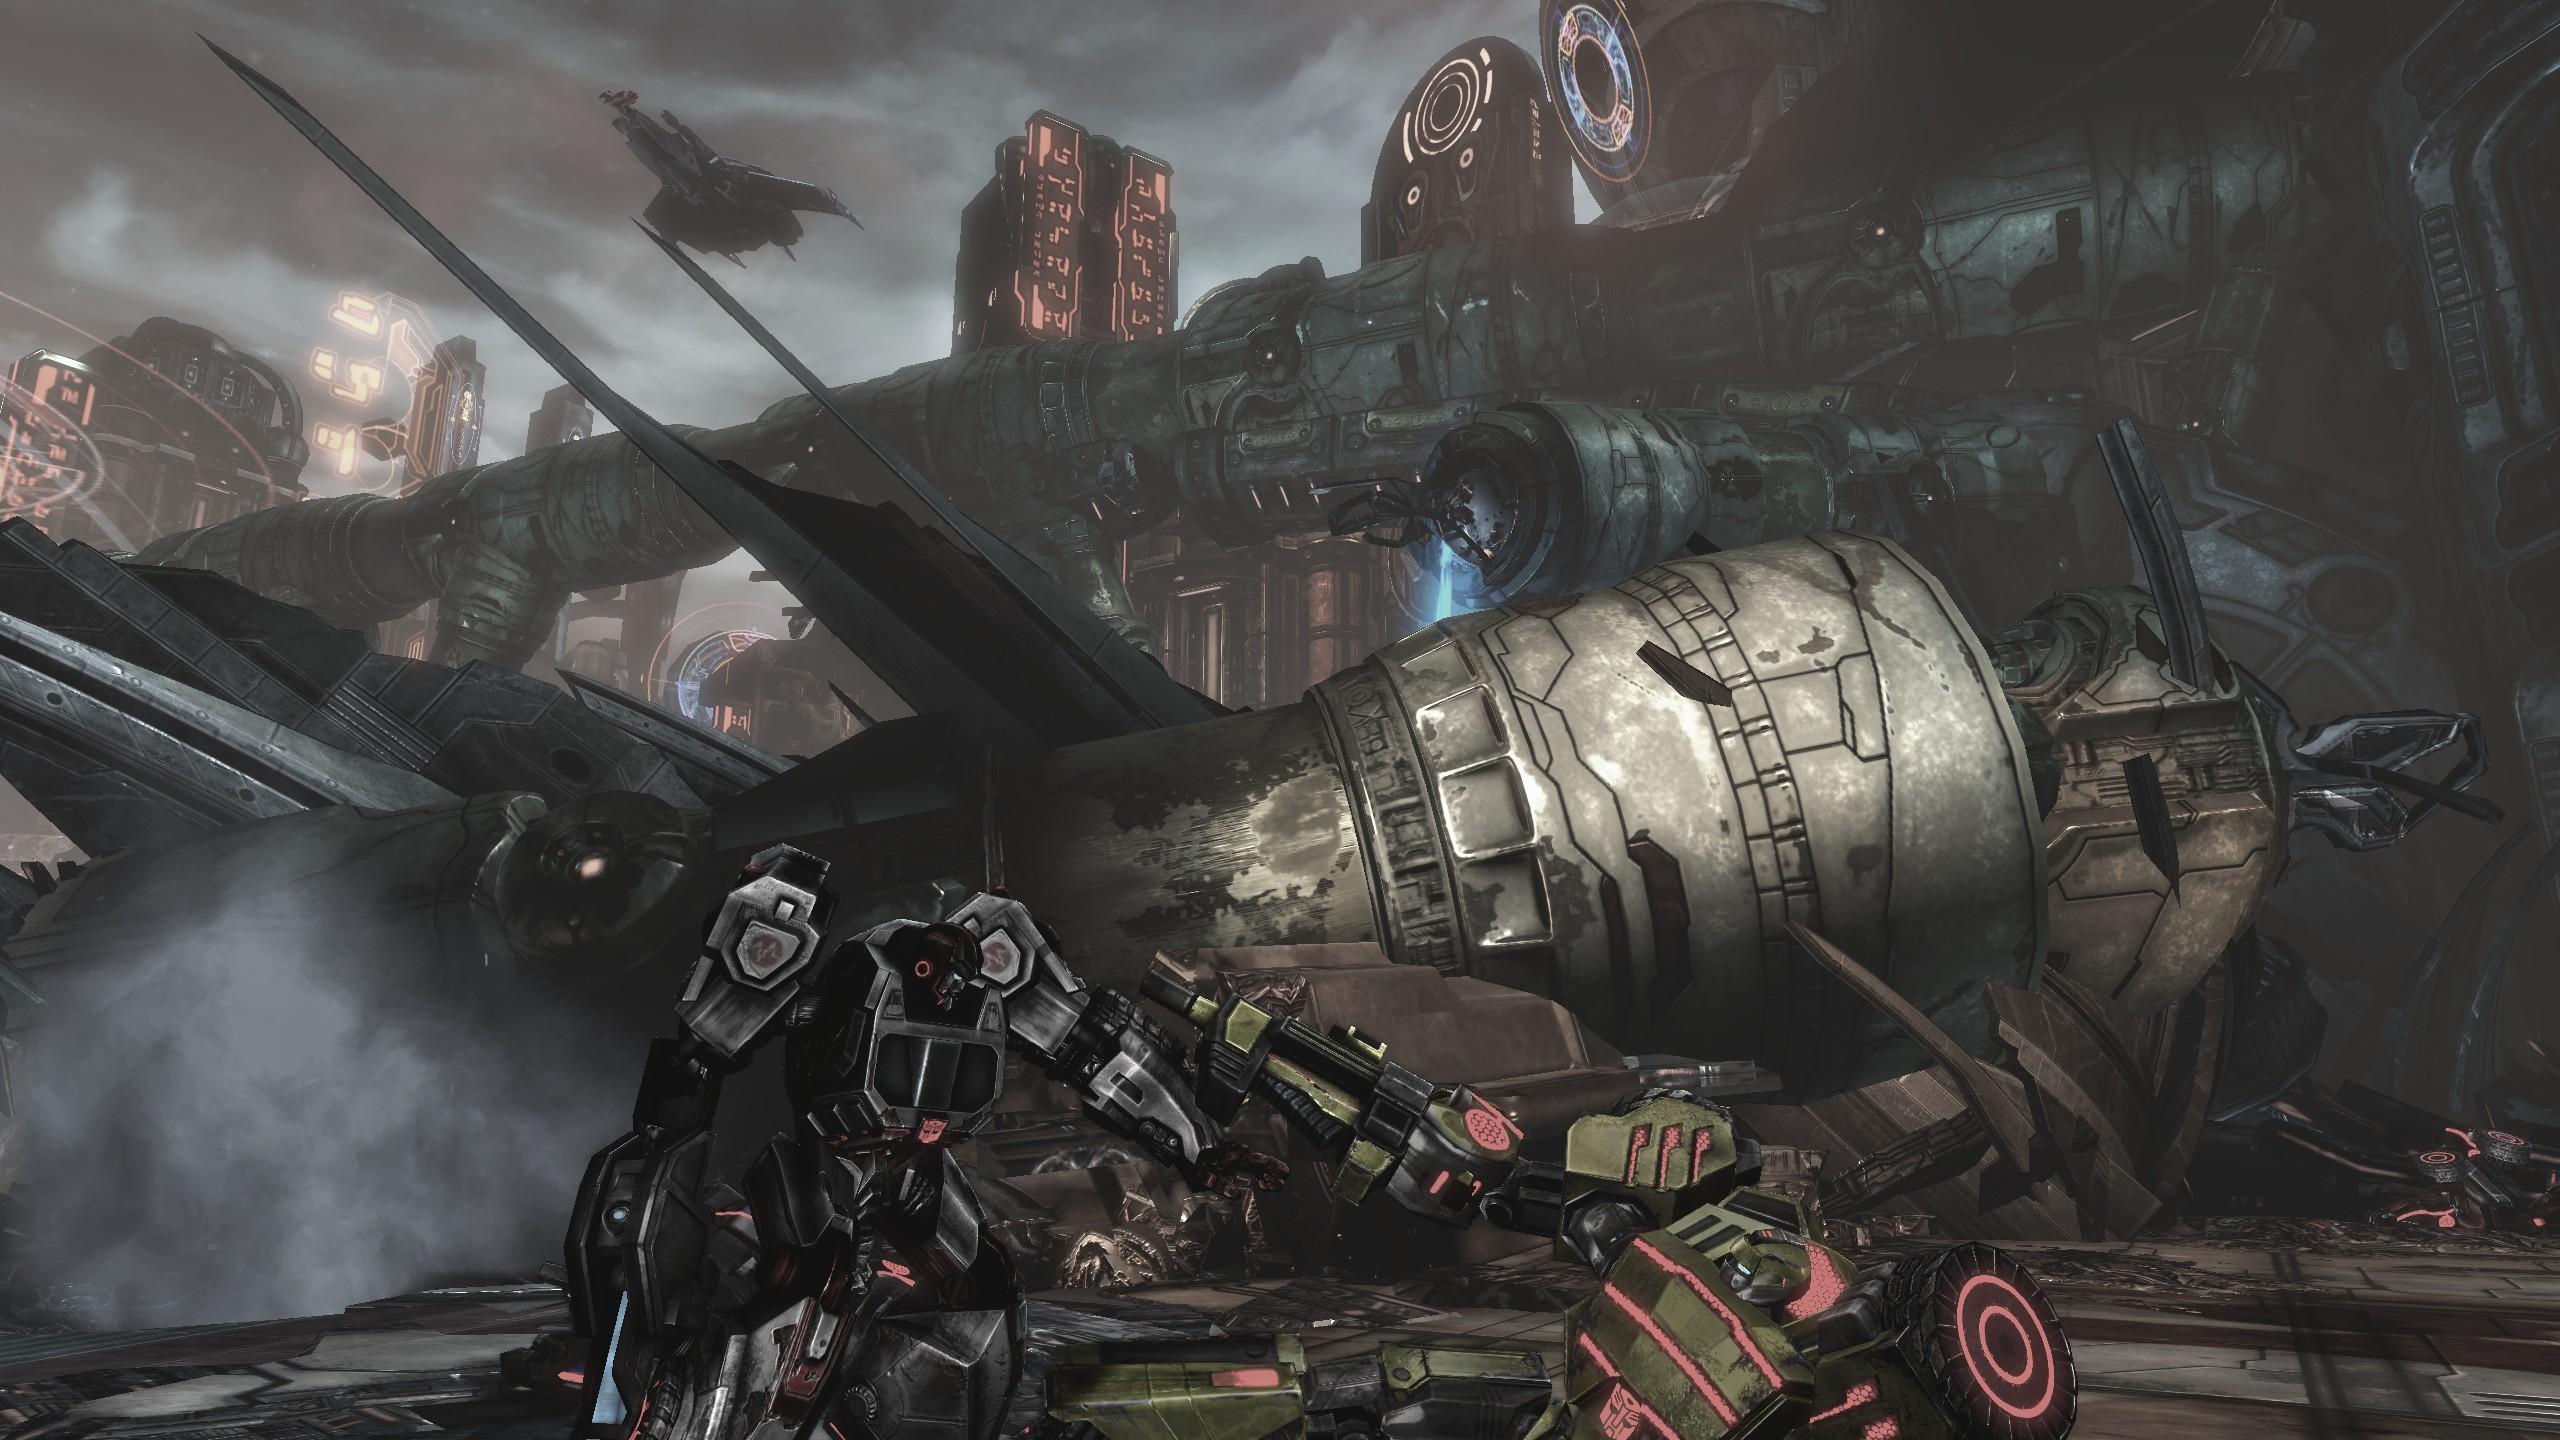 Transformers Autobots Wallpaper Wallpapertag